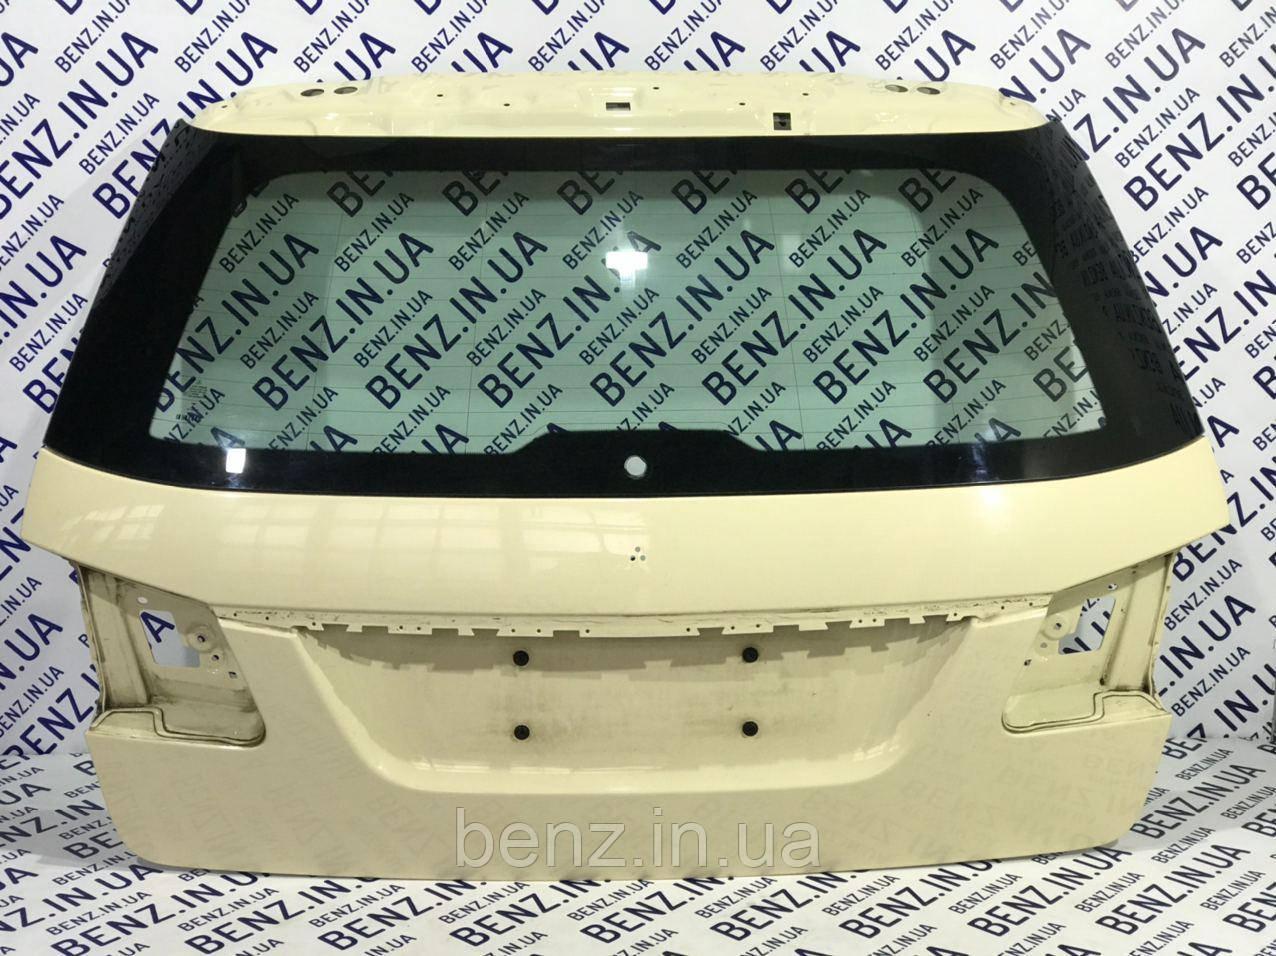 Крышка багажника со стеклом W212 рестайл универсал A2127400105 / A2127420010